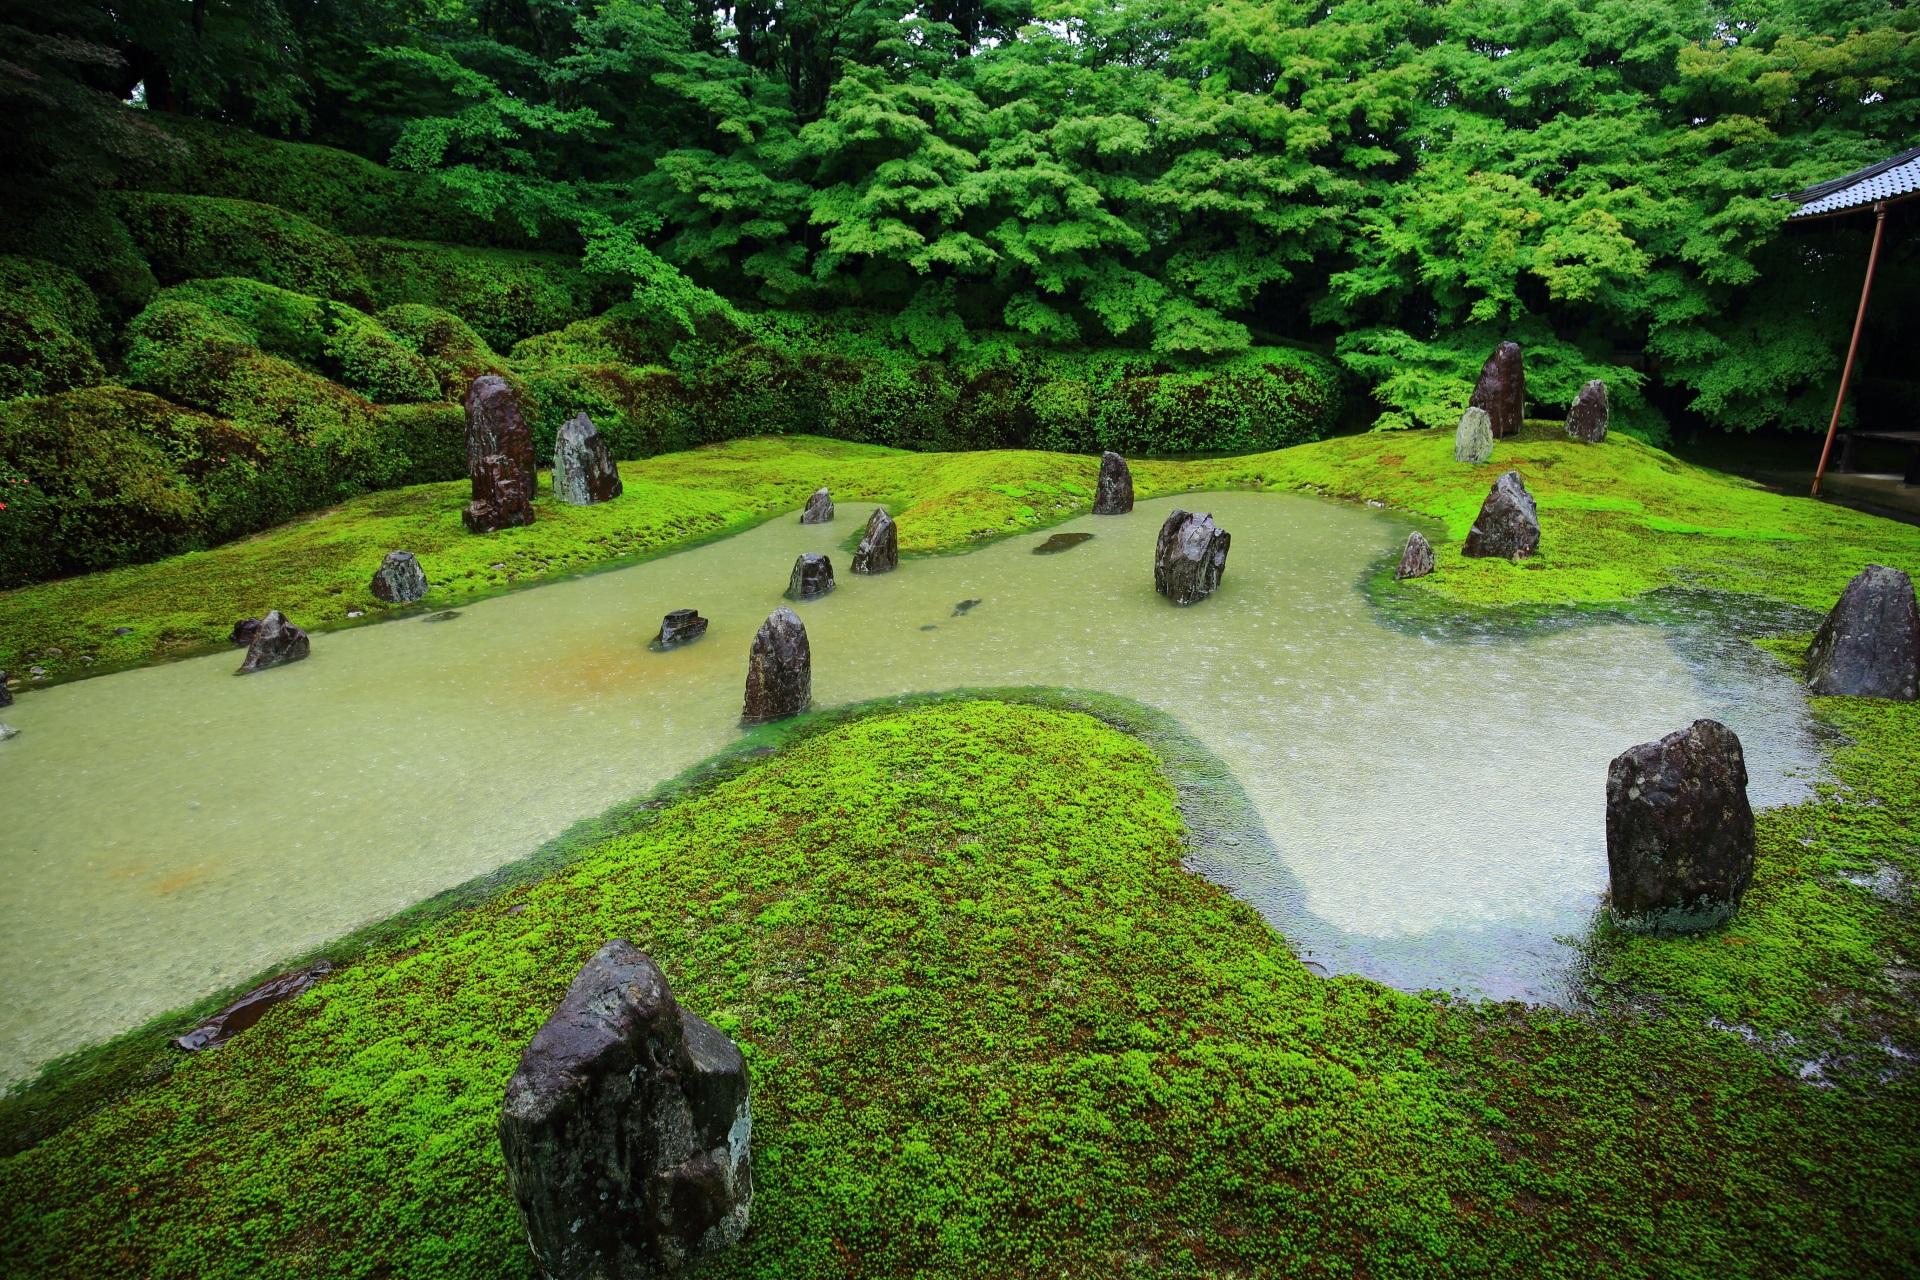 枯山水庭園に出来る苔に覆われた流れる川のような池